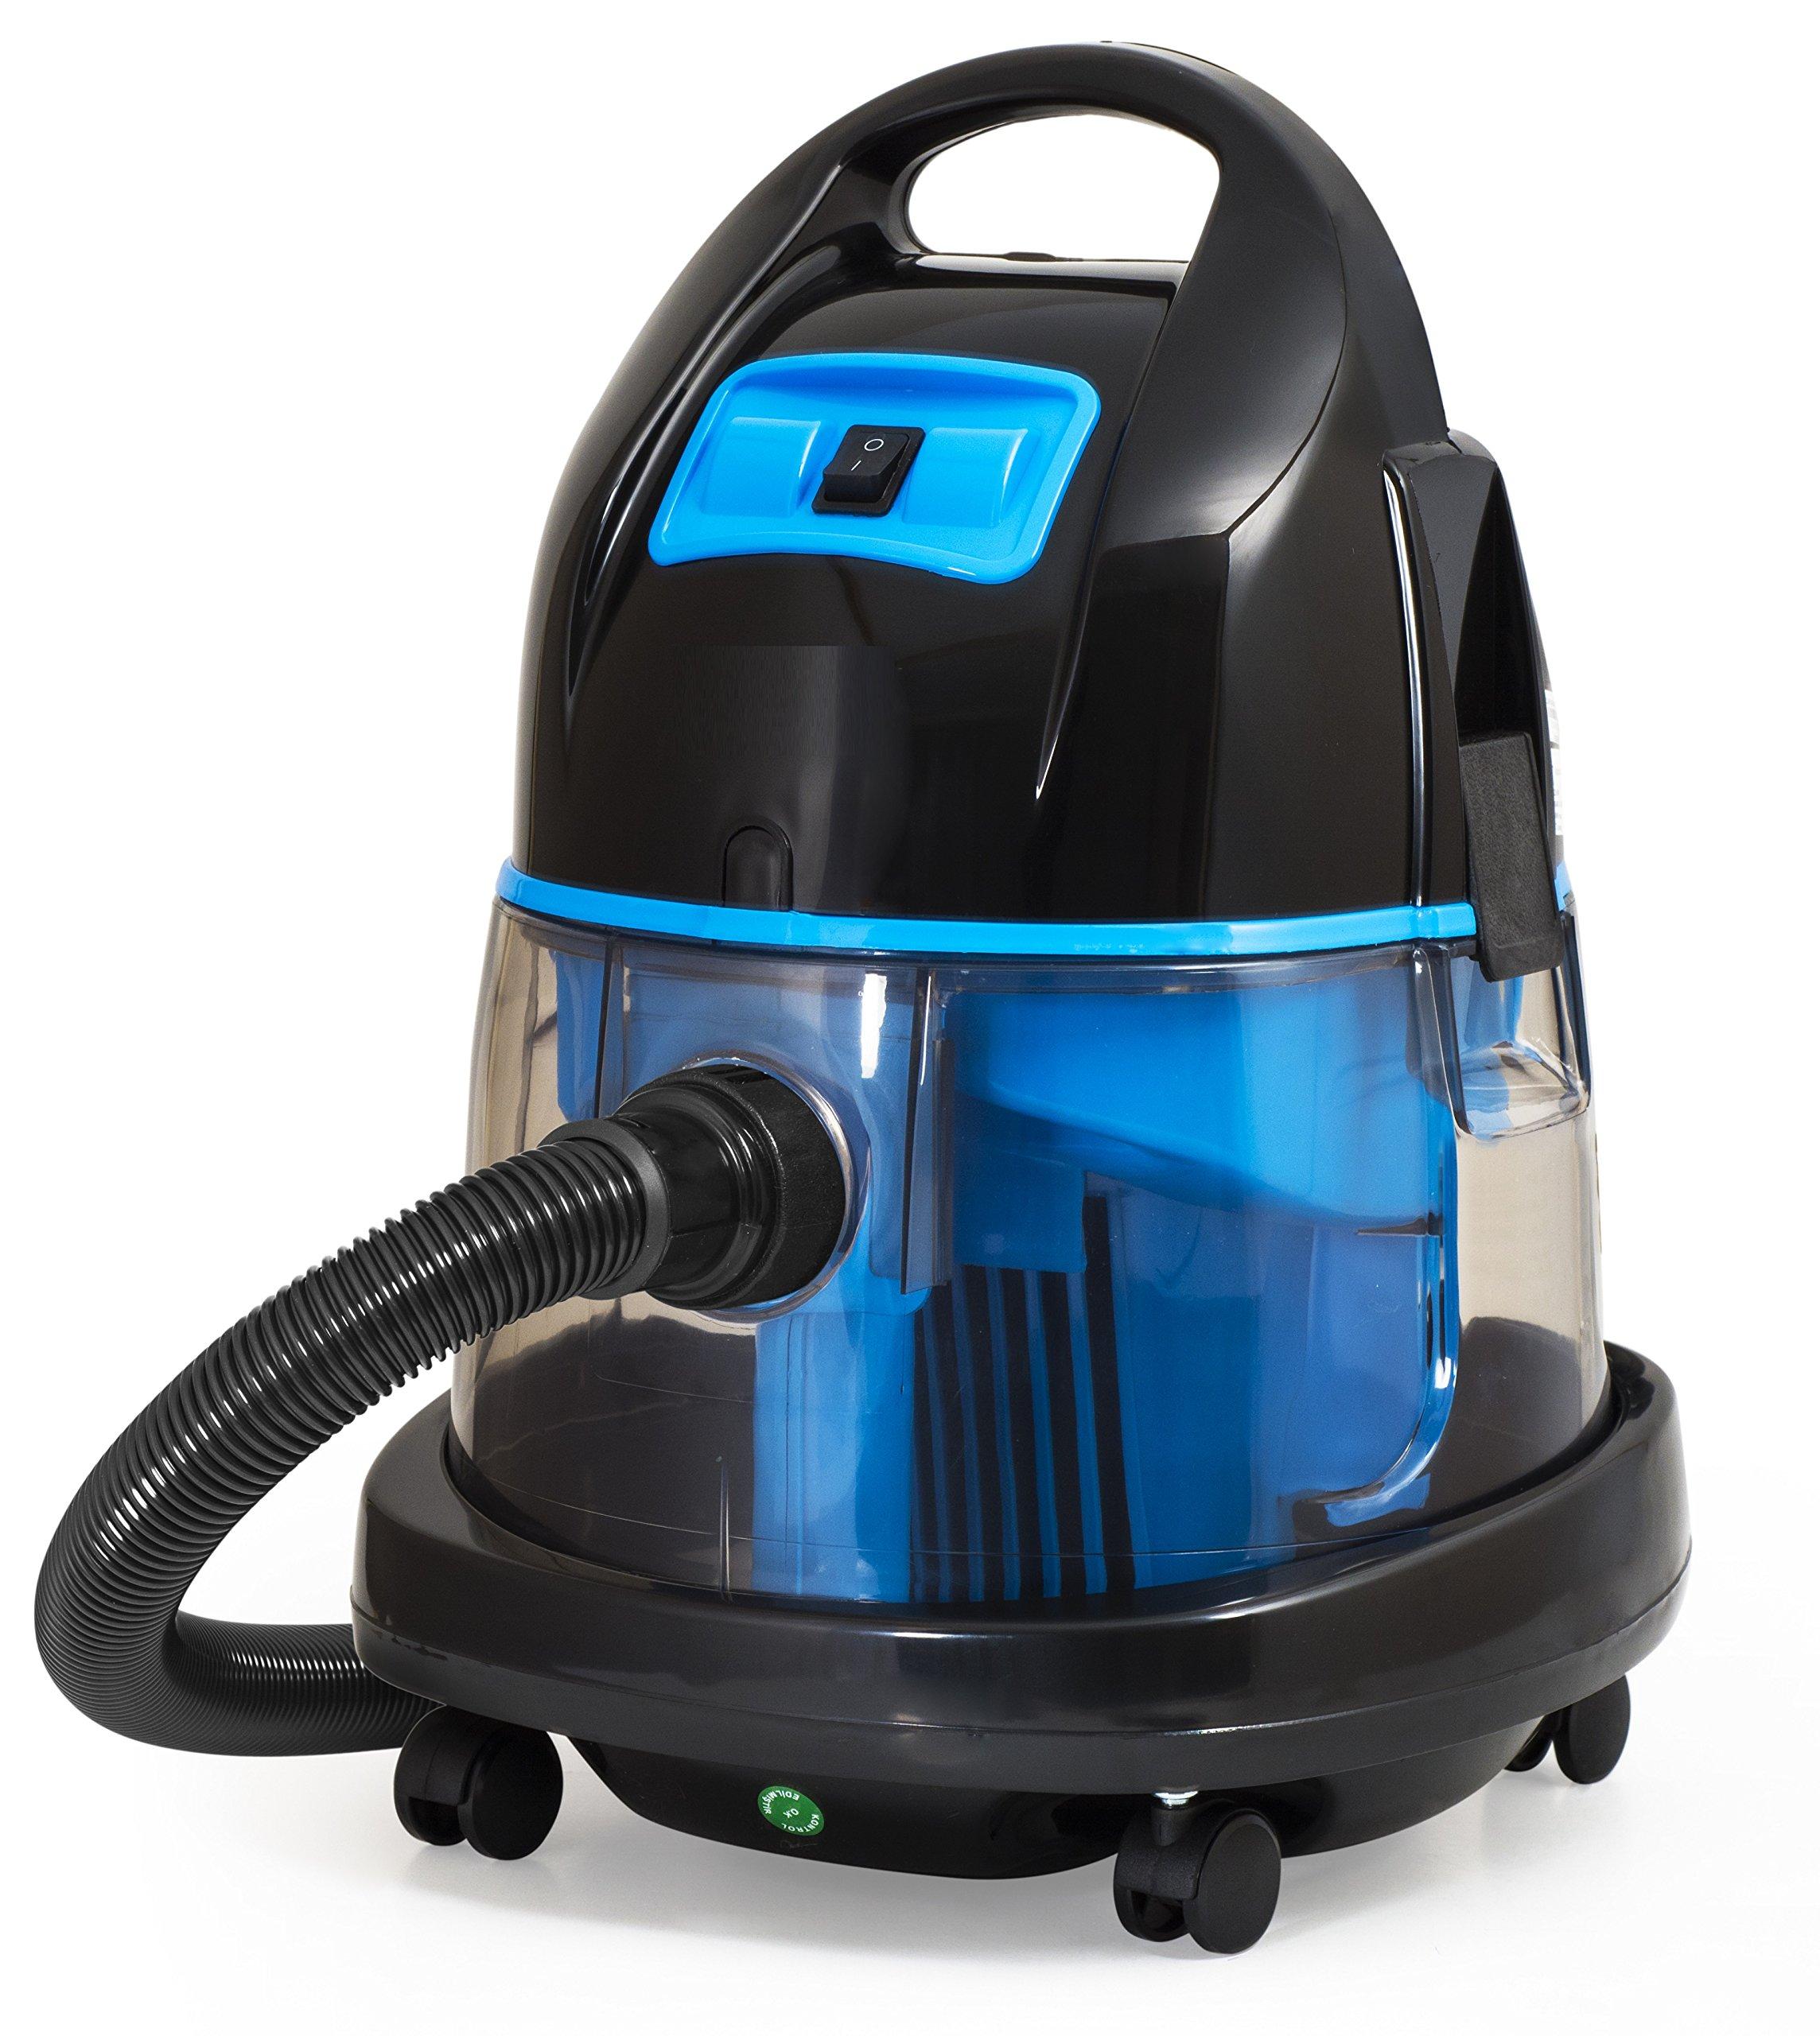 Aspirador con filtro de agua 2.400Watt - Aspiradoras en húmedo y en seco (Azul): Amazon.es: Hogar